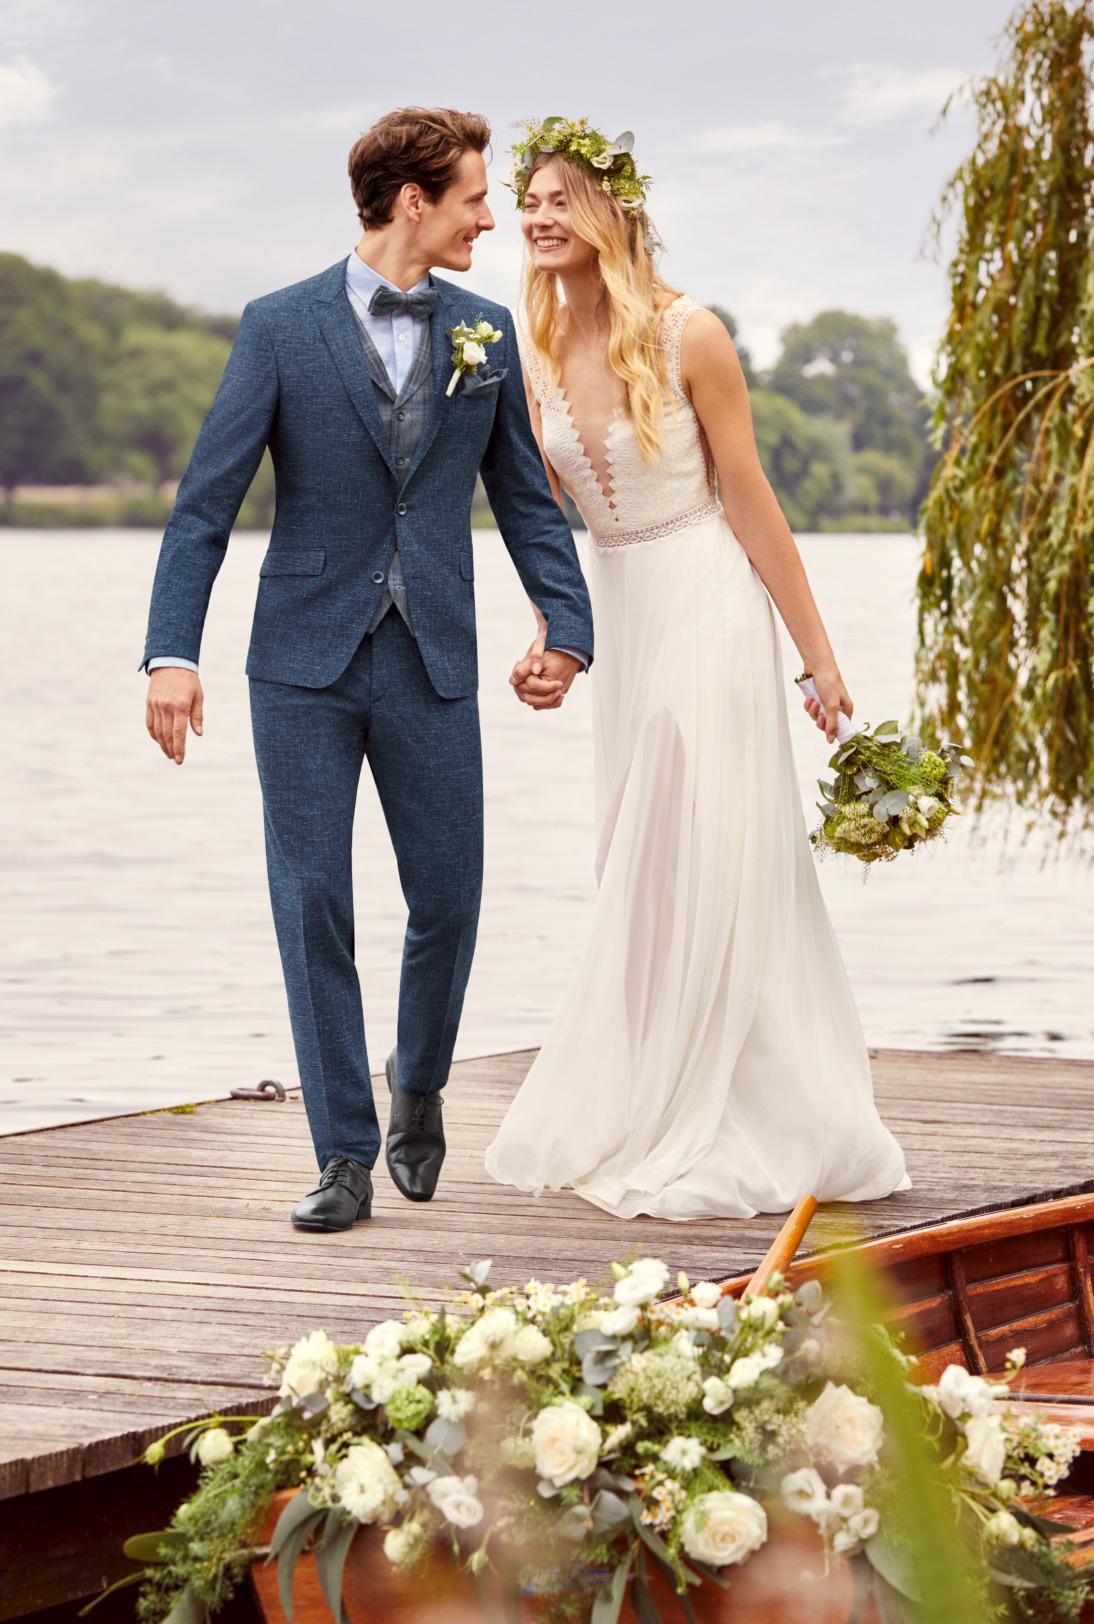 Wilvorst Atelier Torino Gala Wedding Hochzeitsanzug Männer Mode Bräutigam klassische Form mittel blau wil_0121_kam_at-gala-vintage-wedding-Look3_1